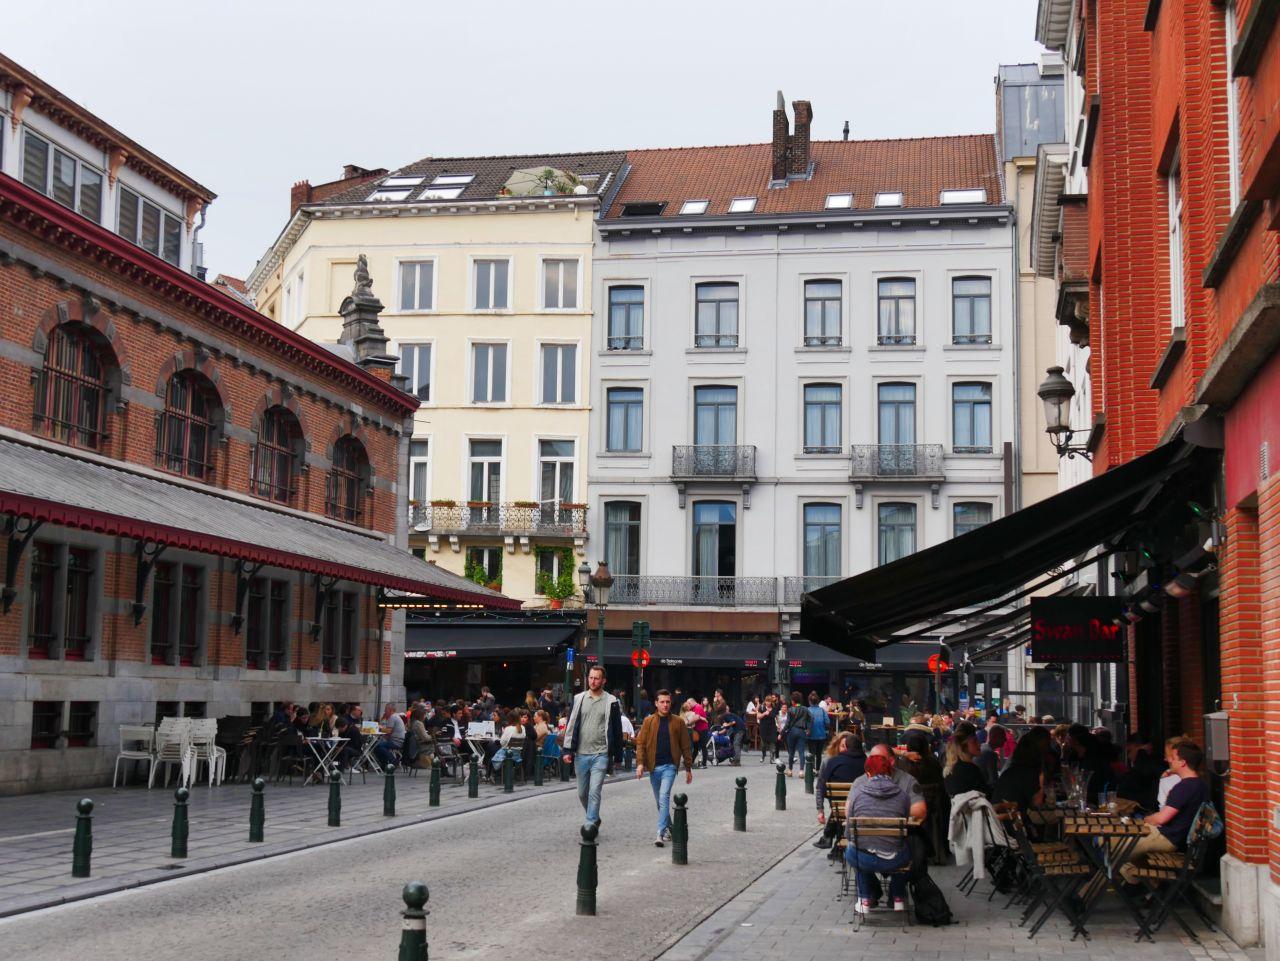 Brussel gezellige wijk